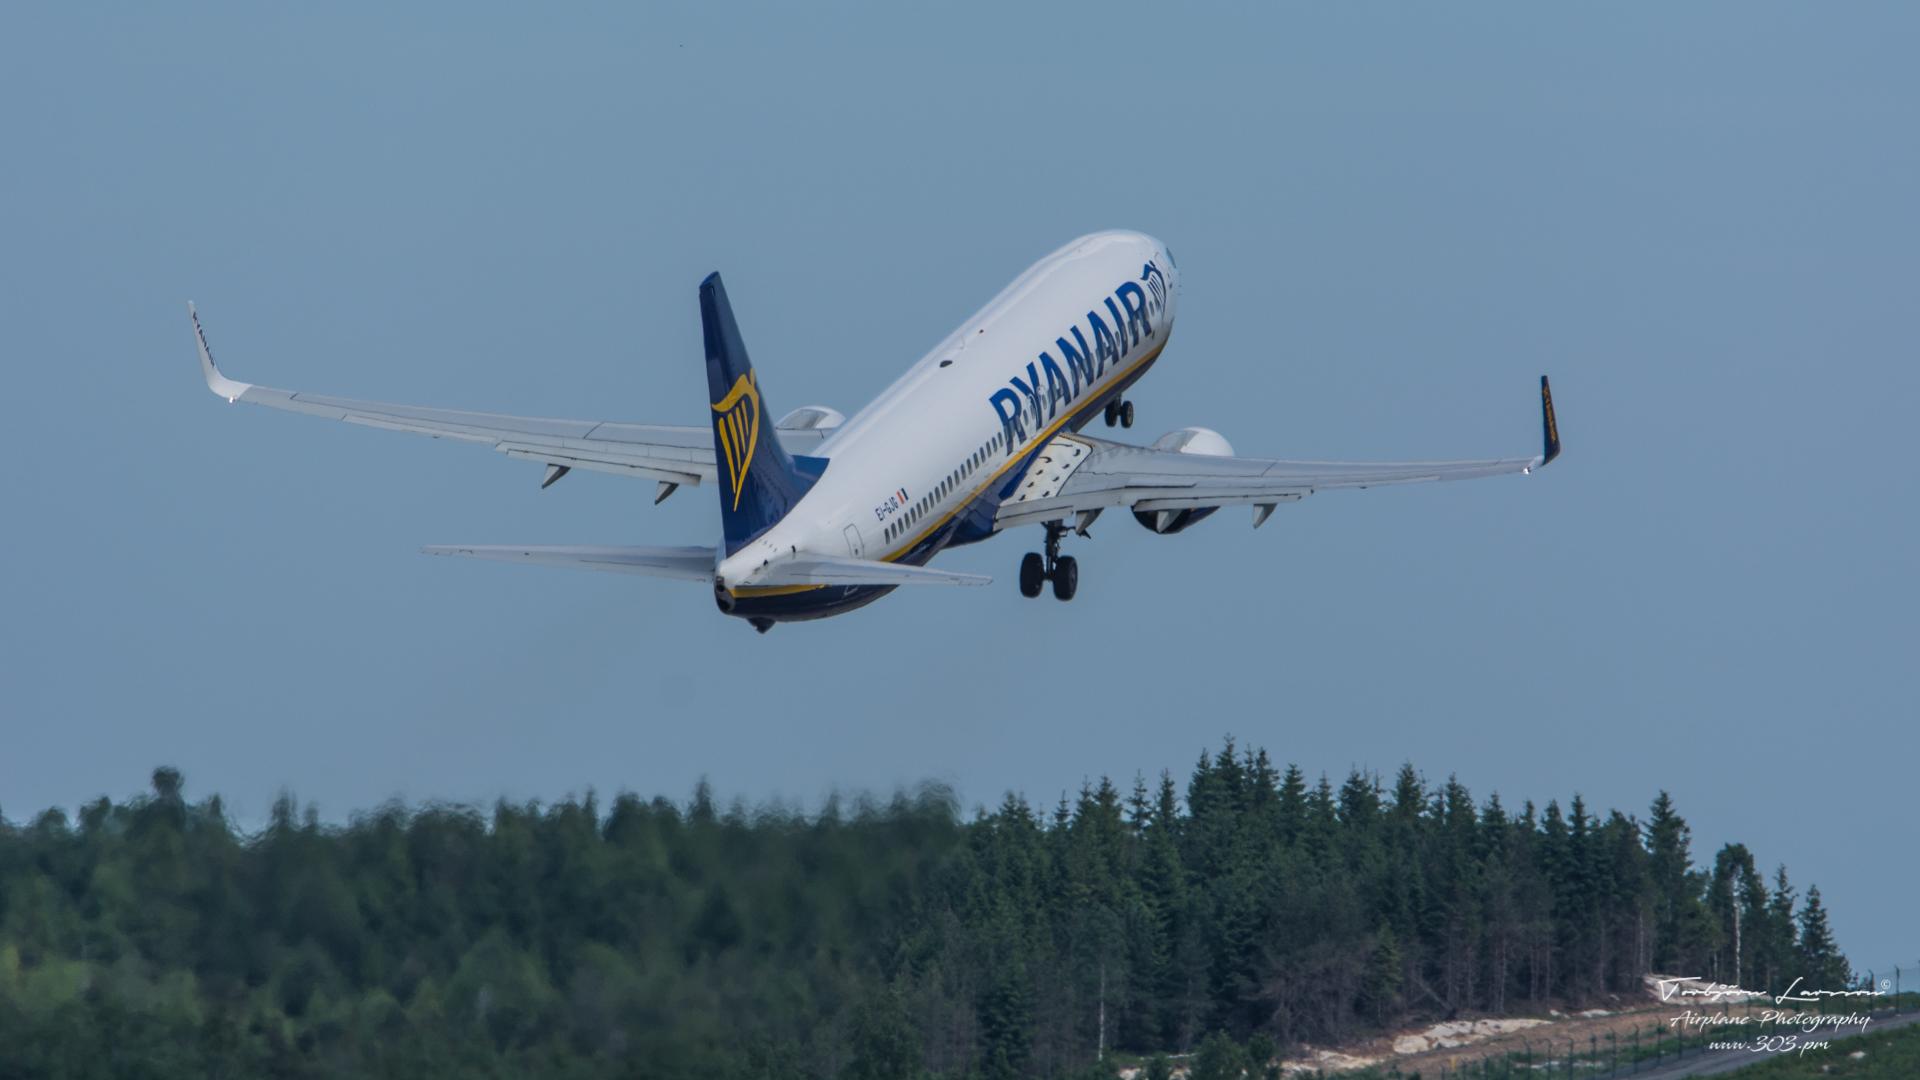 TBE_8547-Boeing 737-800 - Ryanair - (EI-GJG)